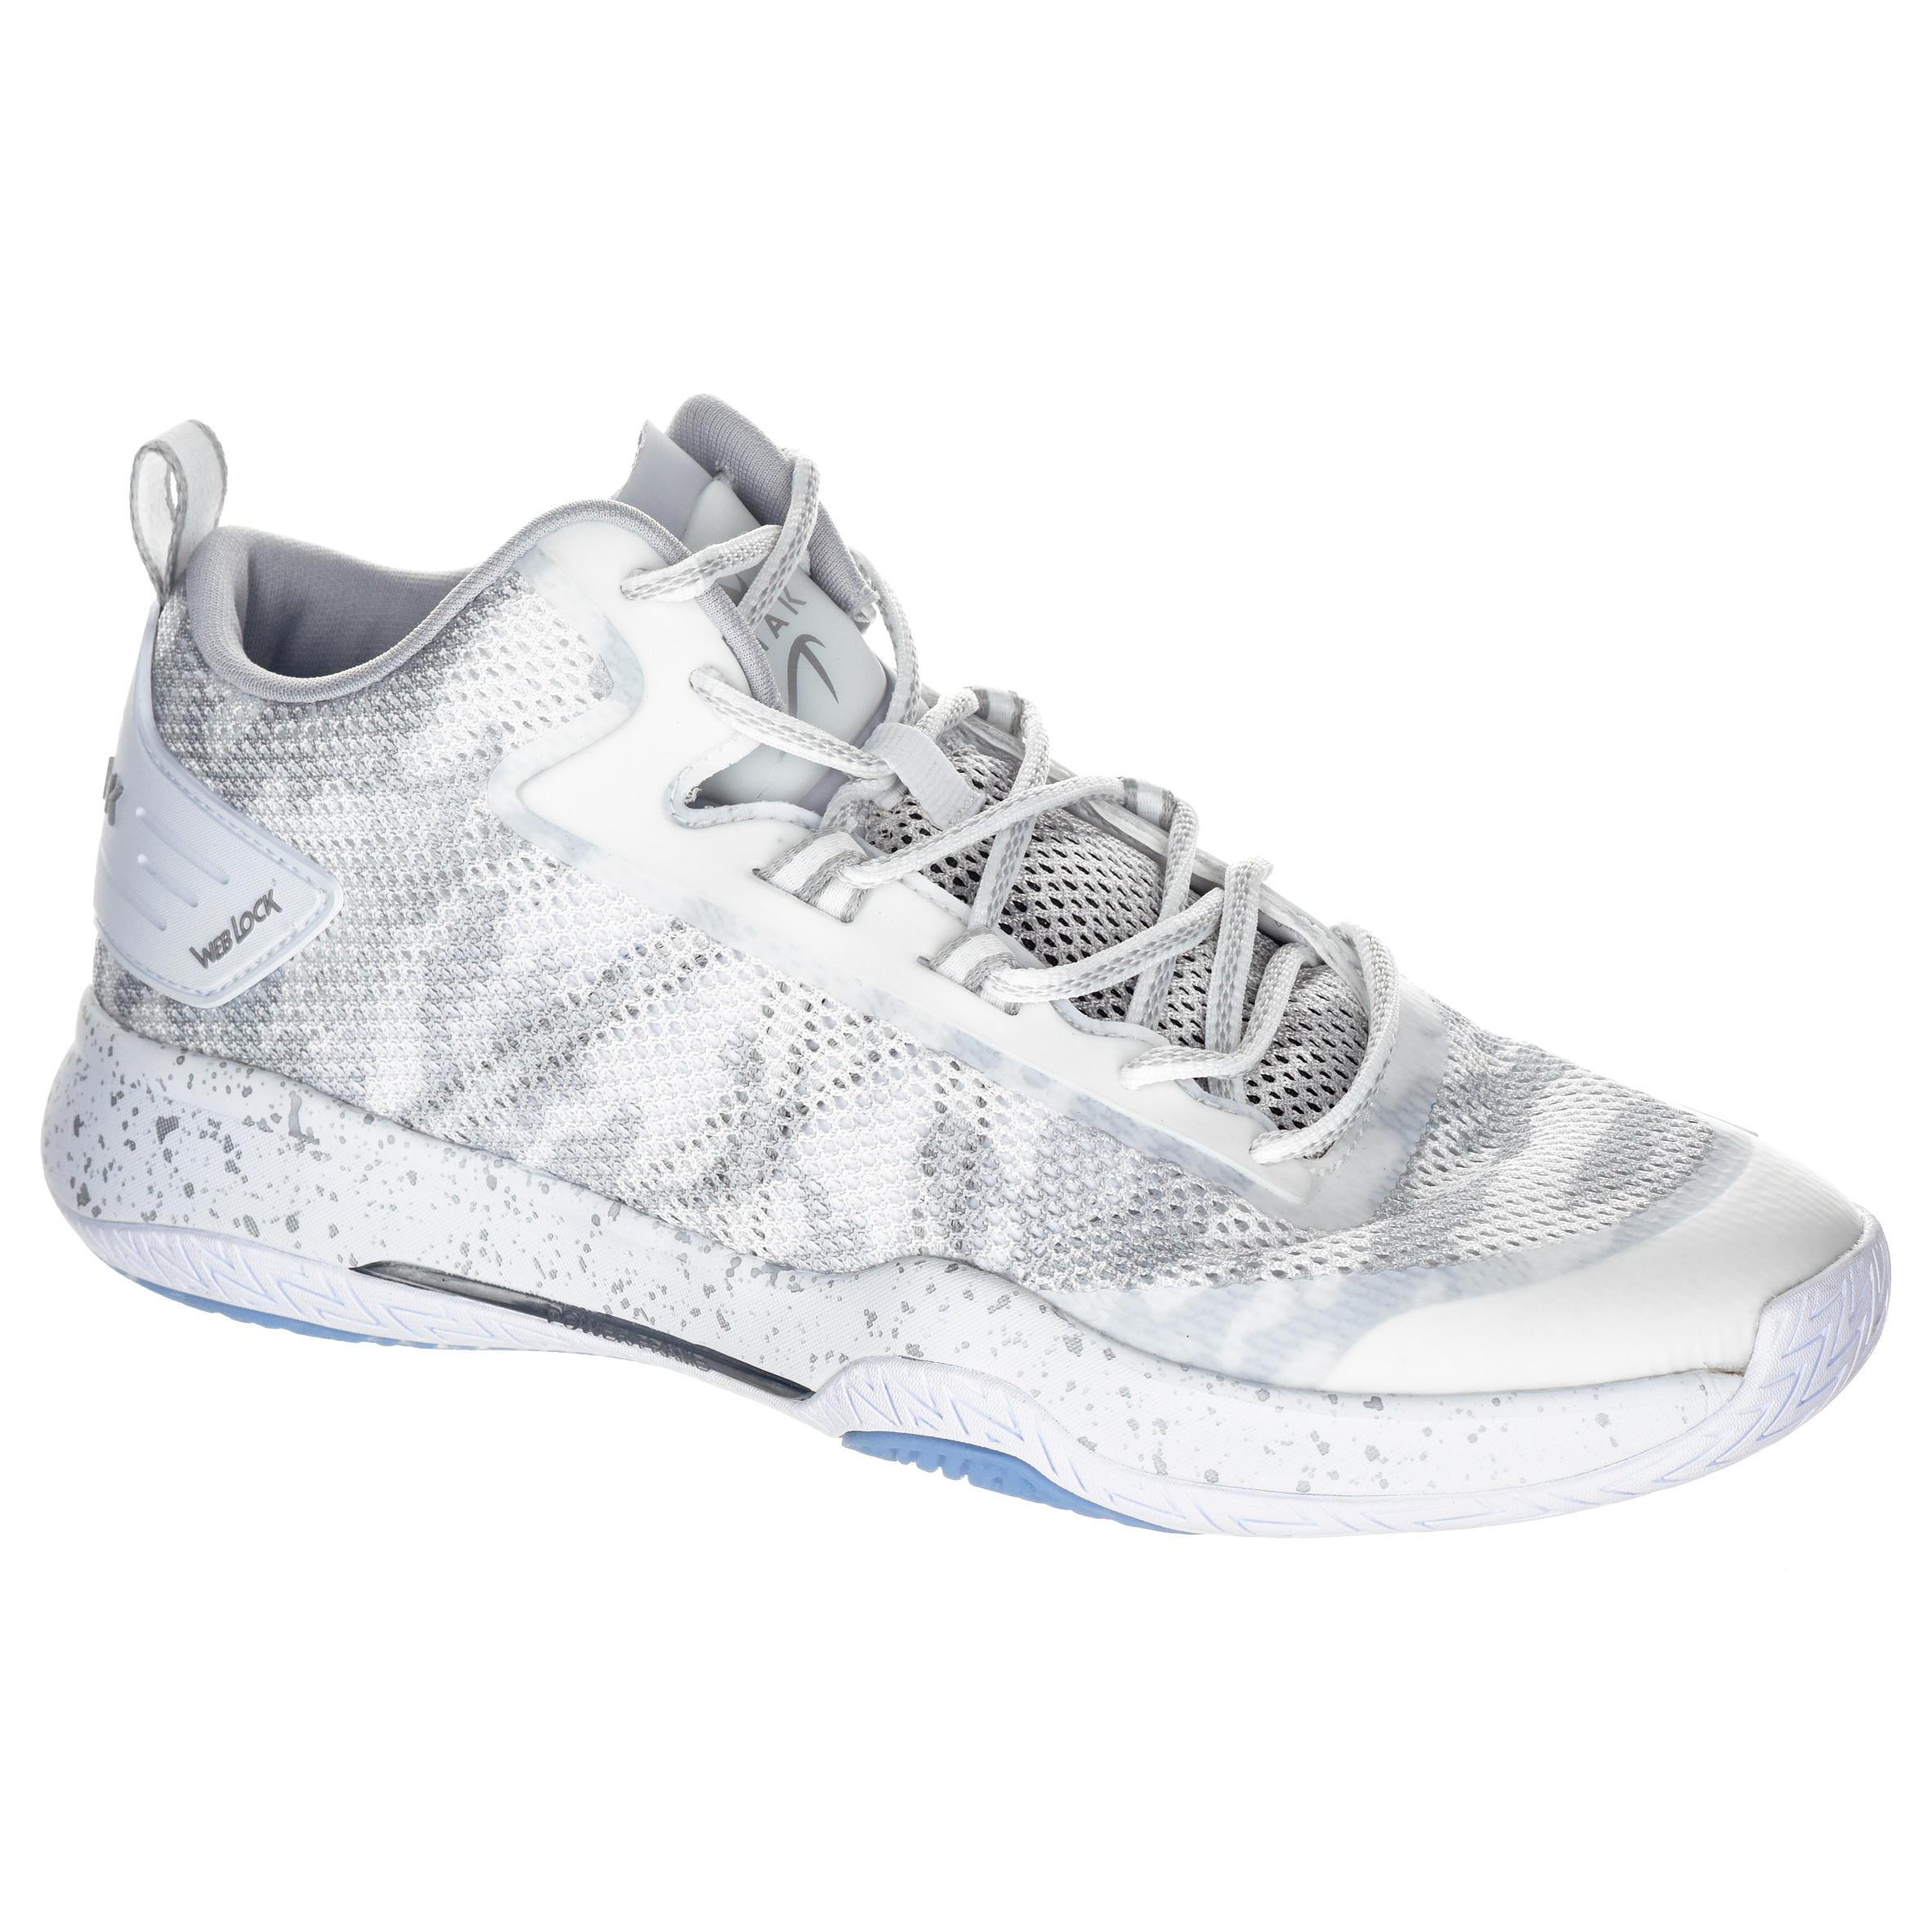 Basketballschuhe SC500 Mid Erwachsene weiß | Schuhe > Sportschuhe > Basketballschuhe | Tarmak